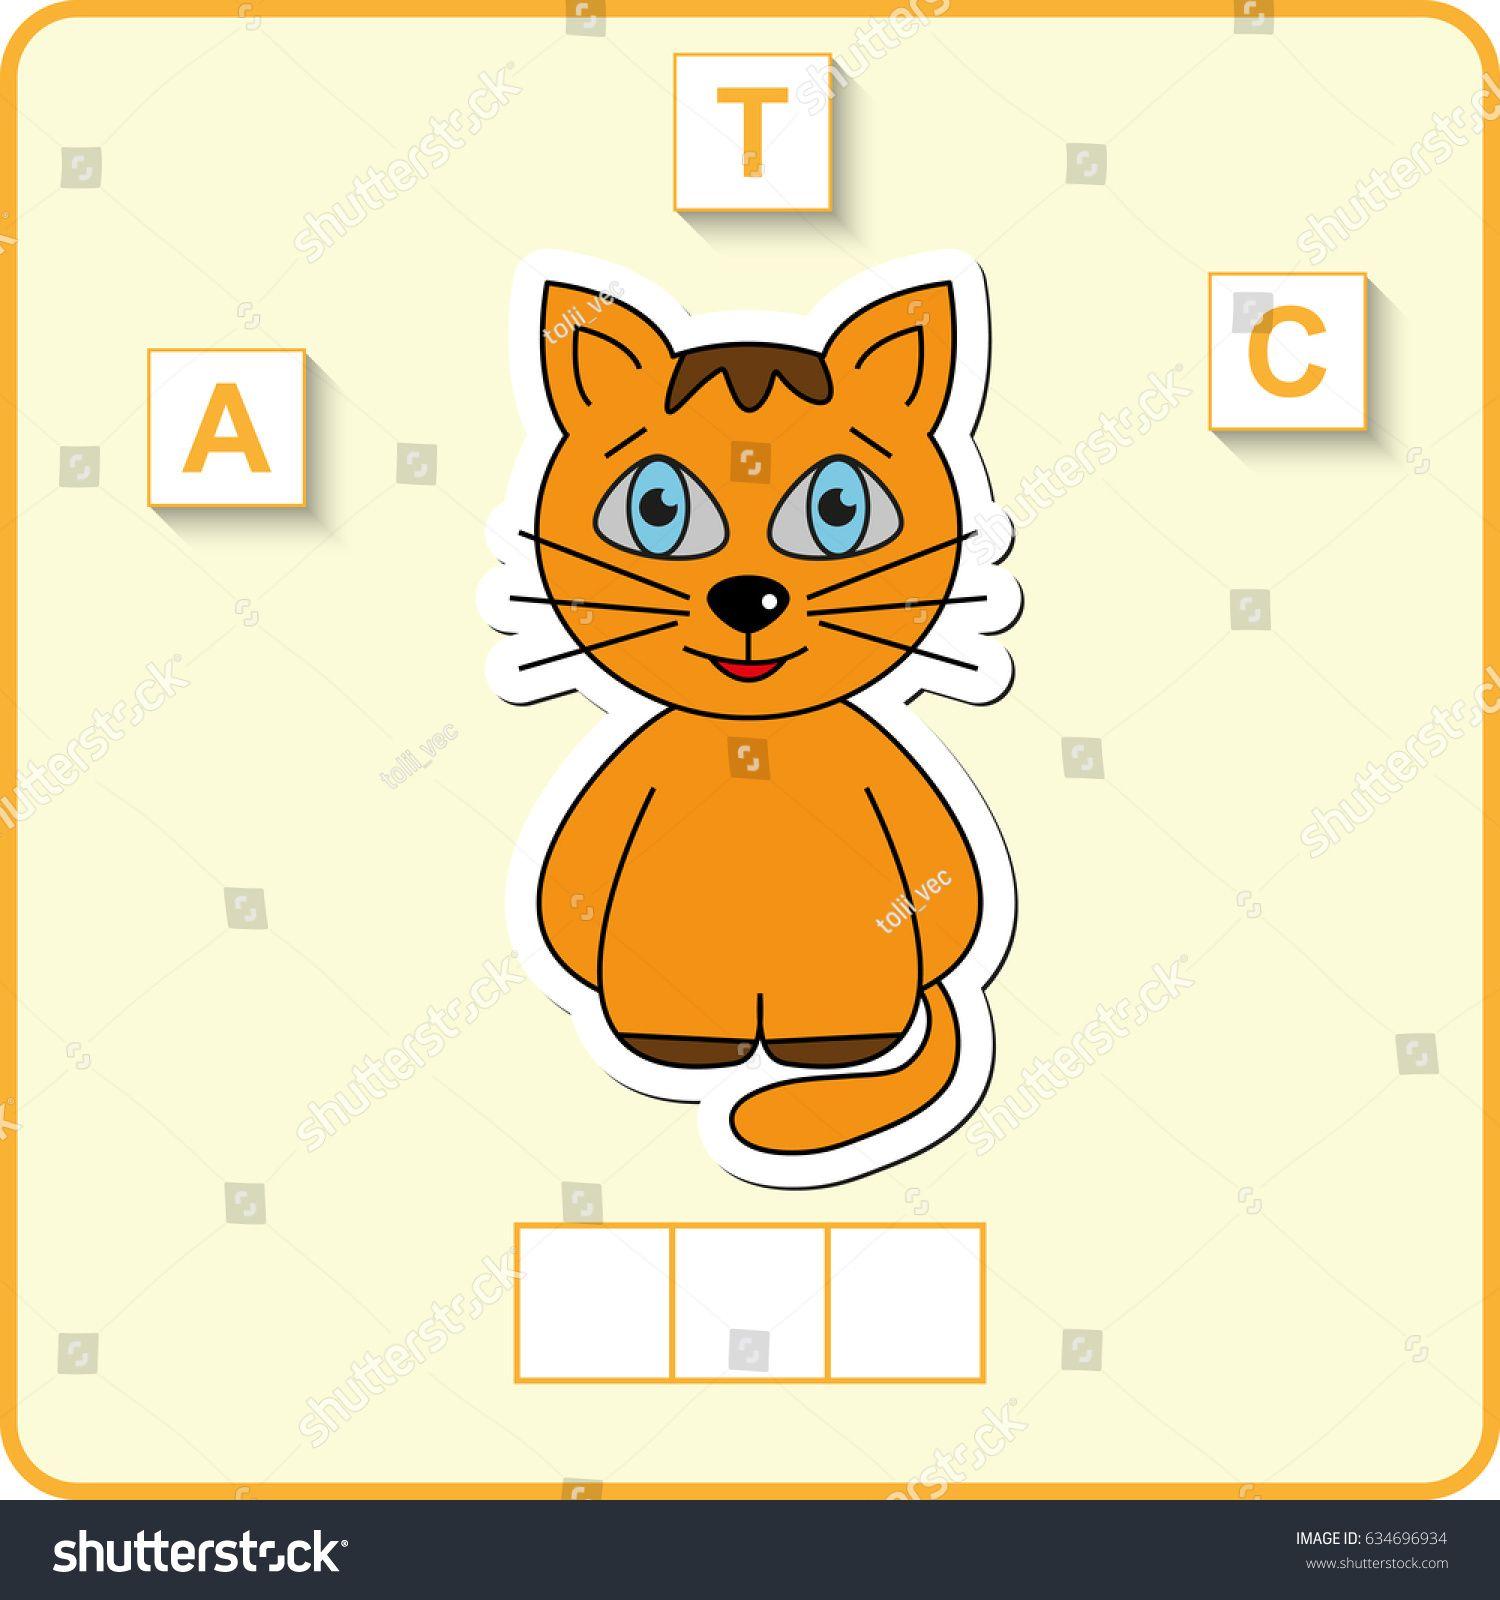 Worksheet For Preschool Kids U002f Words Puzzle